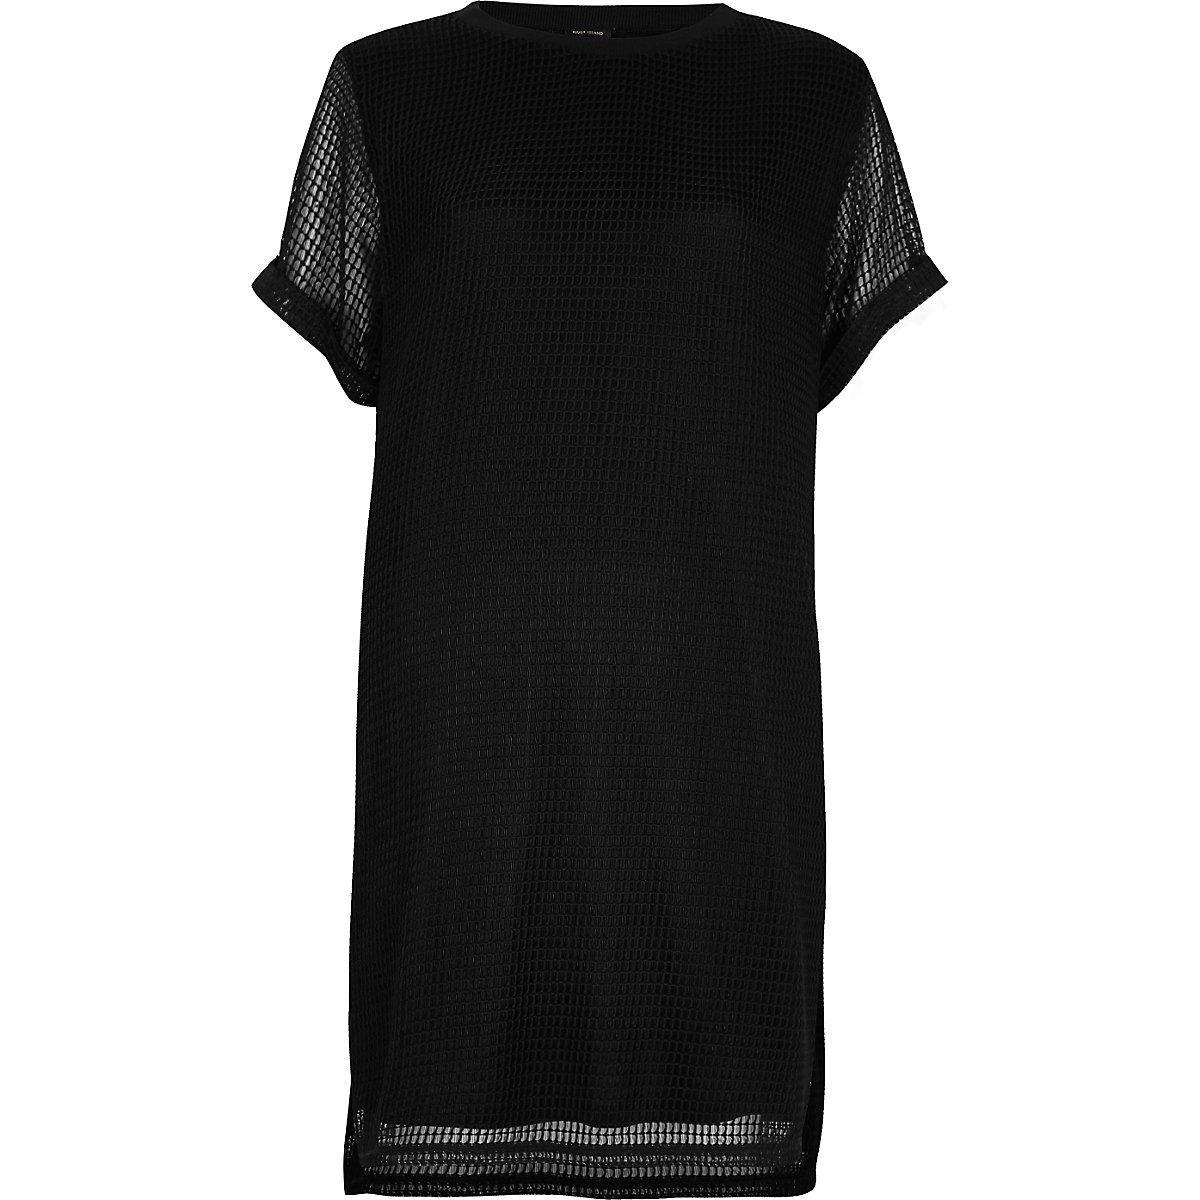 828d7e7cf28 Black mesh T-shirt dress - T-Shirt Dresses - Dresses - women